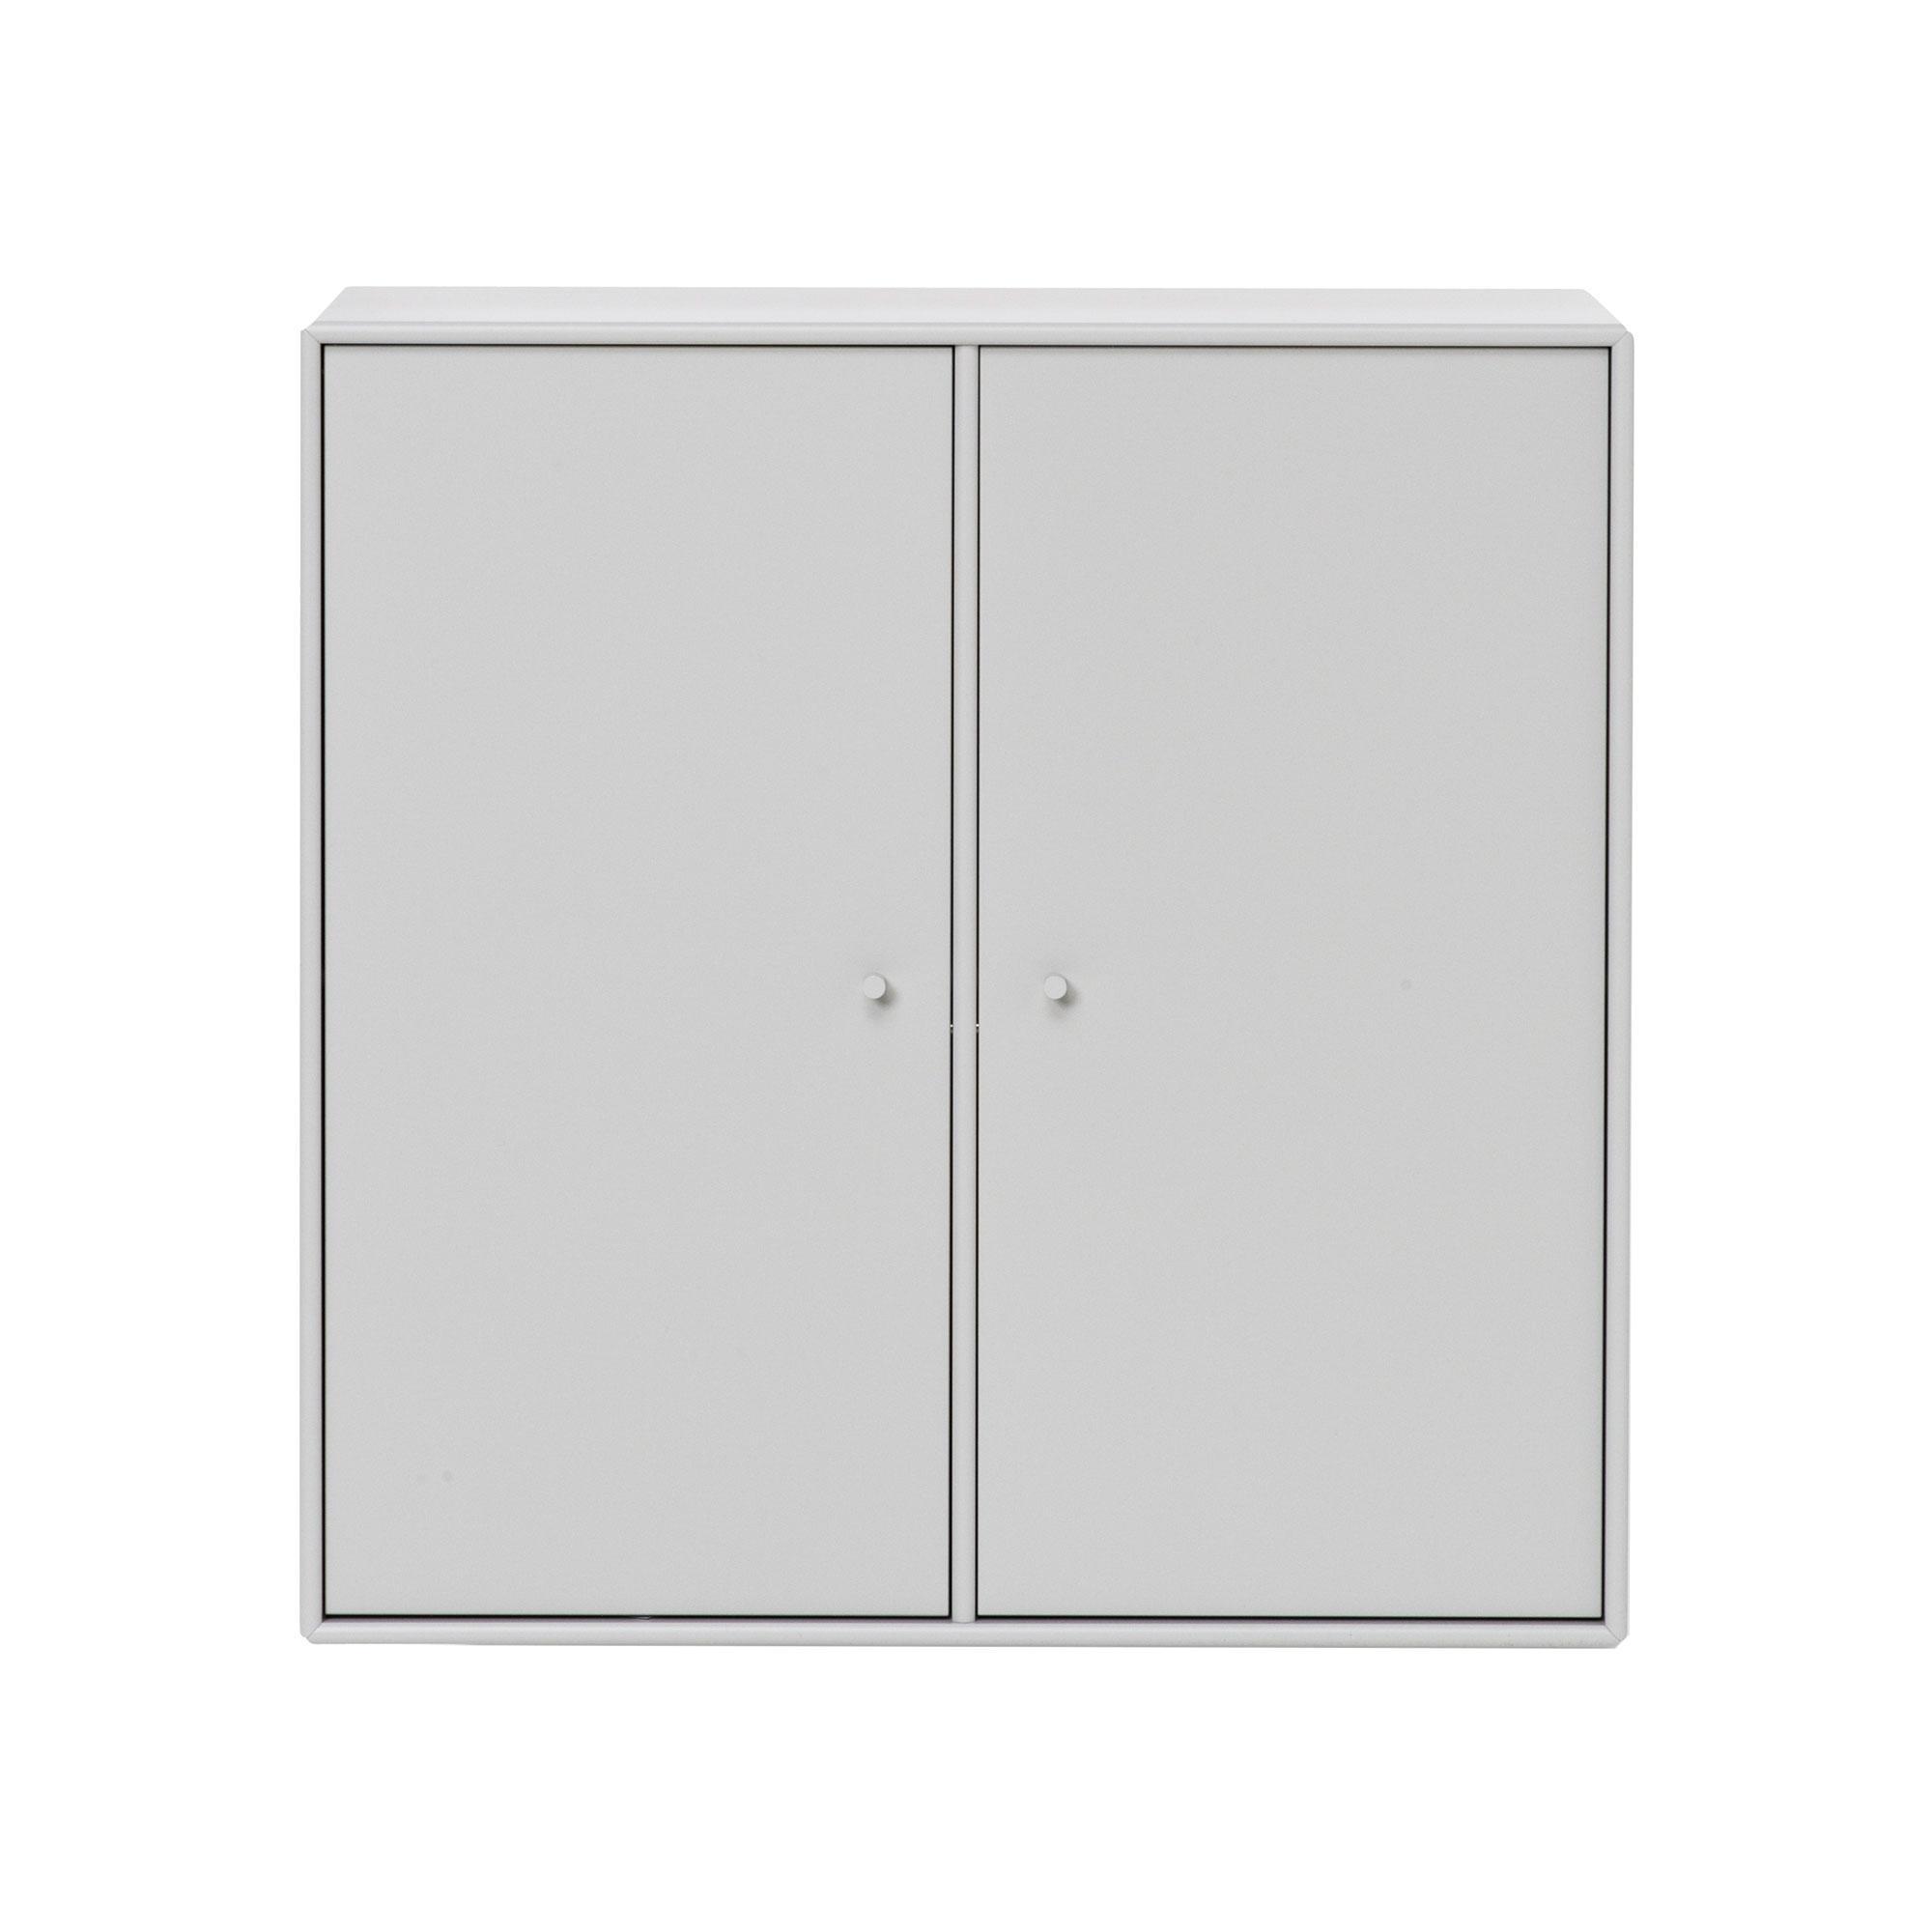 Montana - Cover Wandschrank 69 6x69 6x30cm - nordic 09/lackiert/mit Einlegeboden/Incl. Wandaufhängung   Wohnzimmer > Schränke > Weitere Schränke   Montana